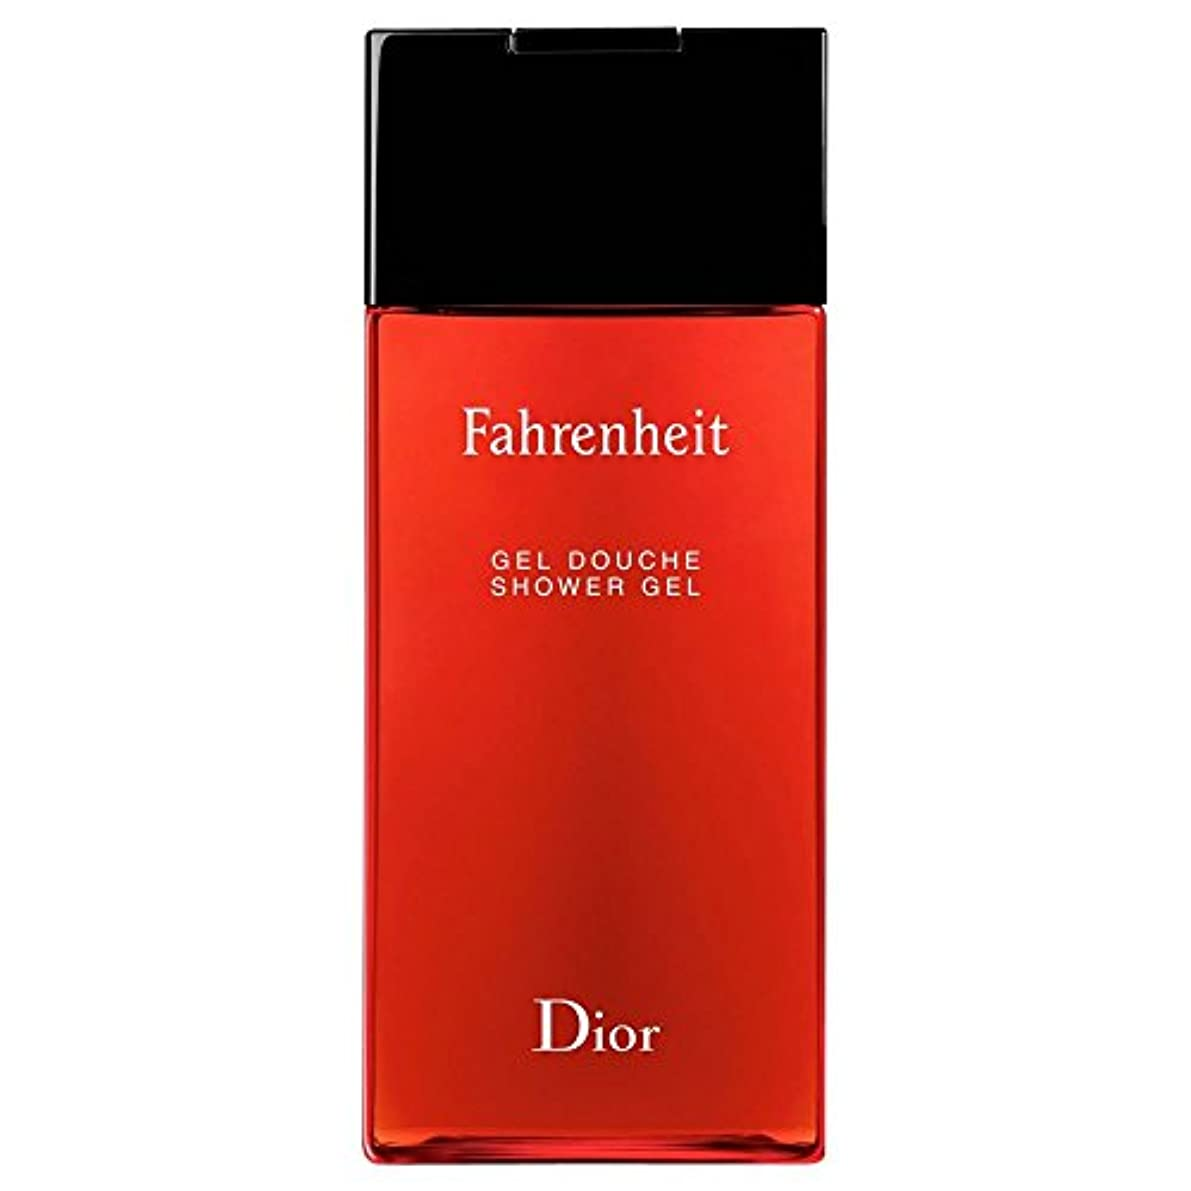 レインコート解説リットル[Dior] ディオール華氏発泡シャワージェル200Ml - Dior Fahrenheit Foaming Shower Gel 200ml [並行輸入品]